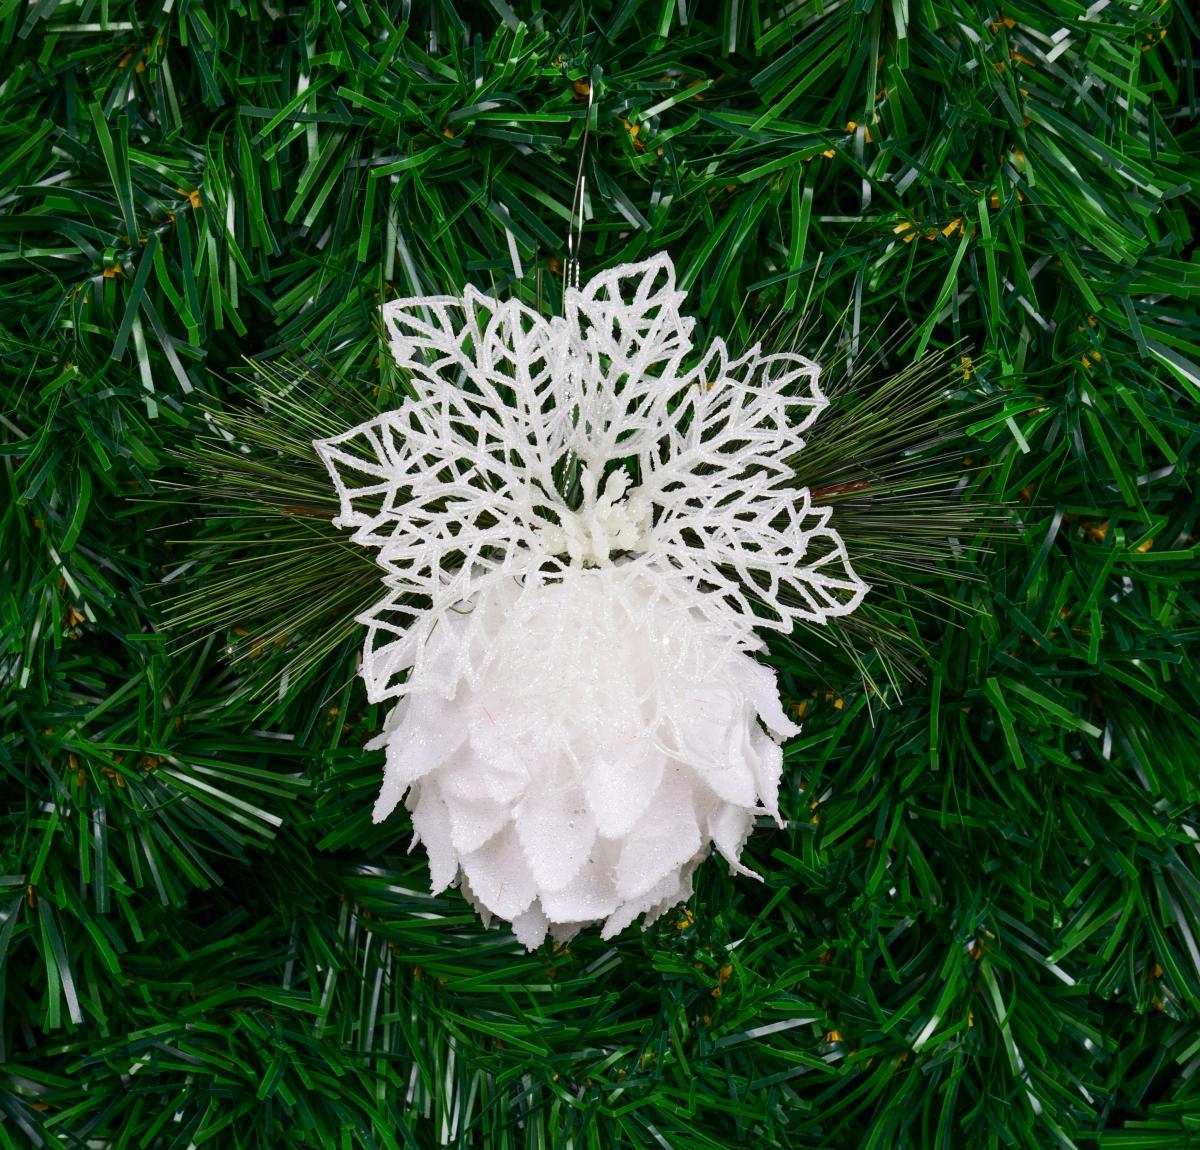 Ozdobné bílé poupě lotosu, třpytivé se zelenou větvičkou 15 cm